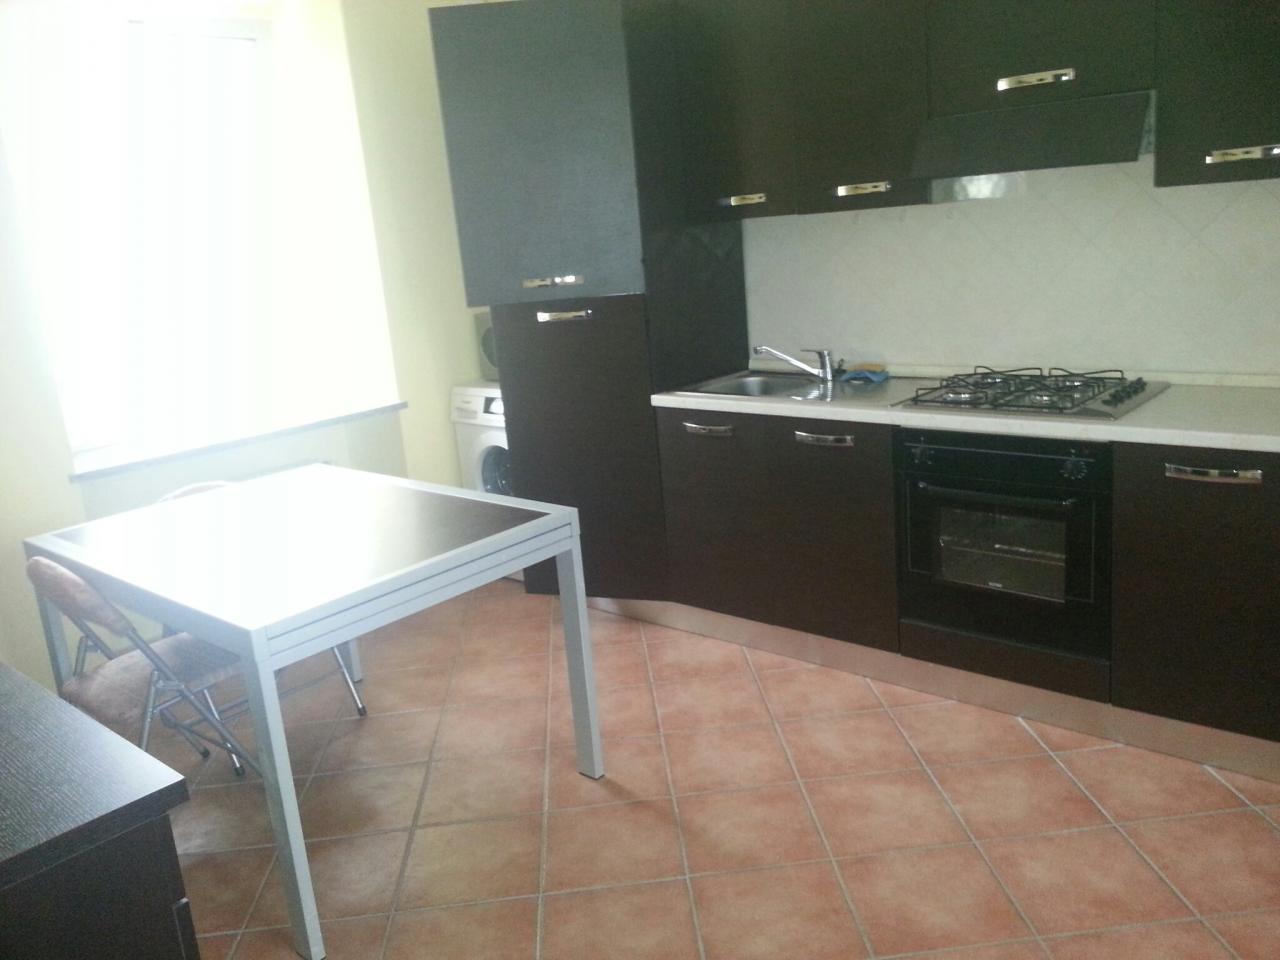 Appartamento in affitto a Casale Monferrato, 2 locali, zona Località: SanGermano, prezzo € 320 | CambioCasa.it